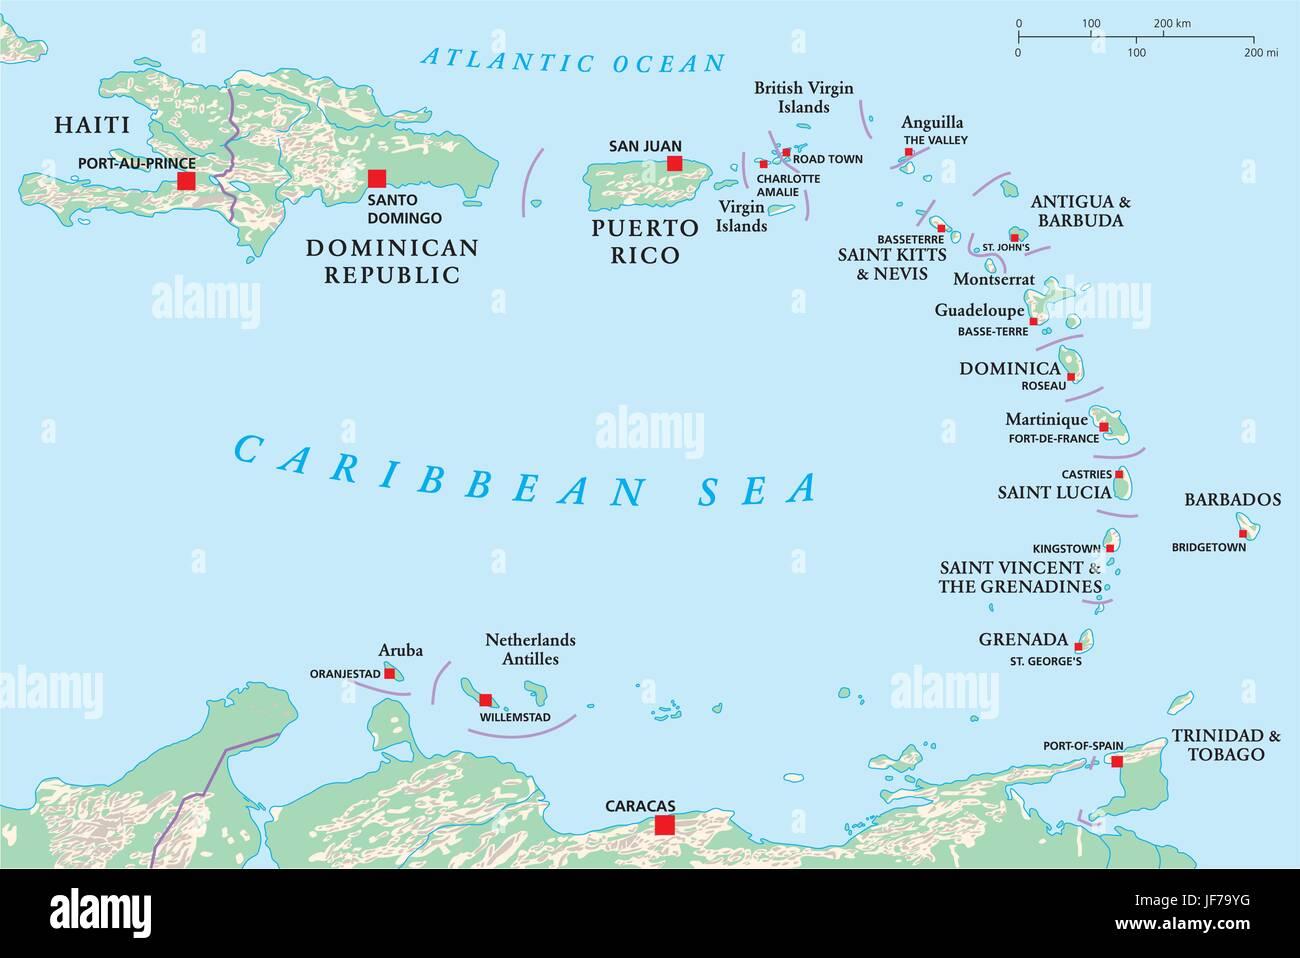 république dominicaine carte du monde Antilles, République dominicaine, Haïti,, carte, atlas, carte du